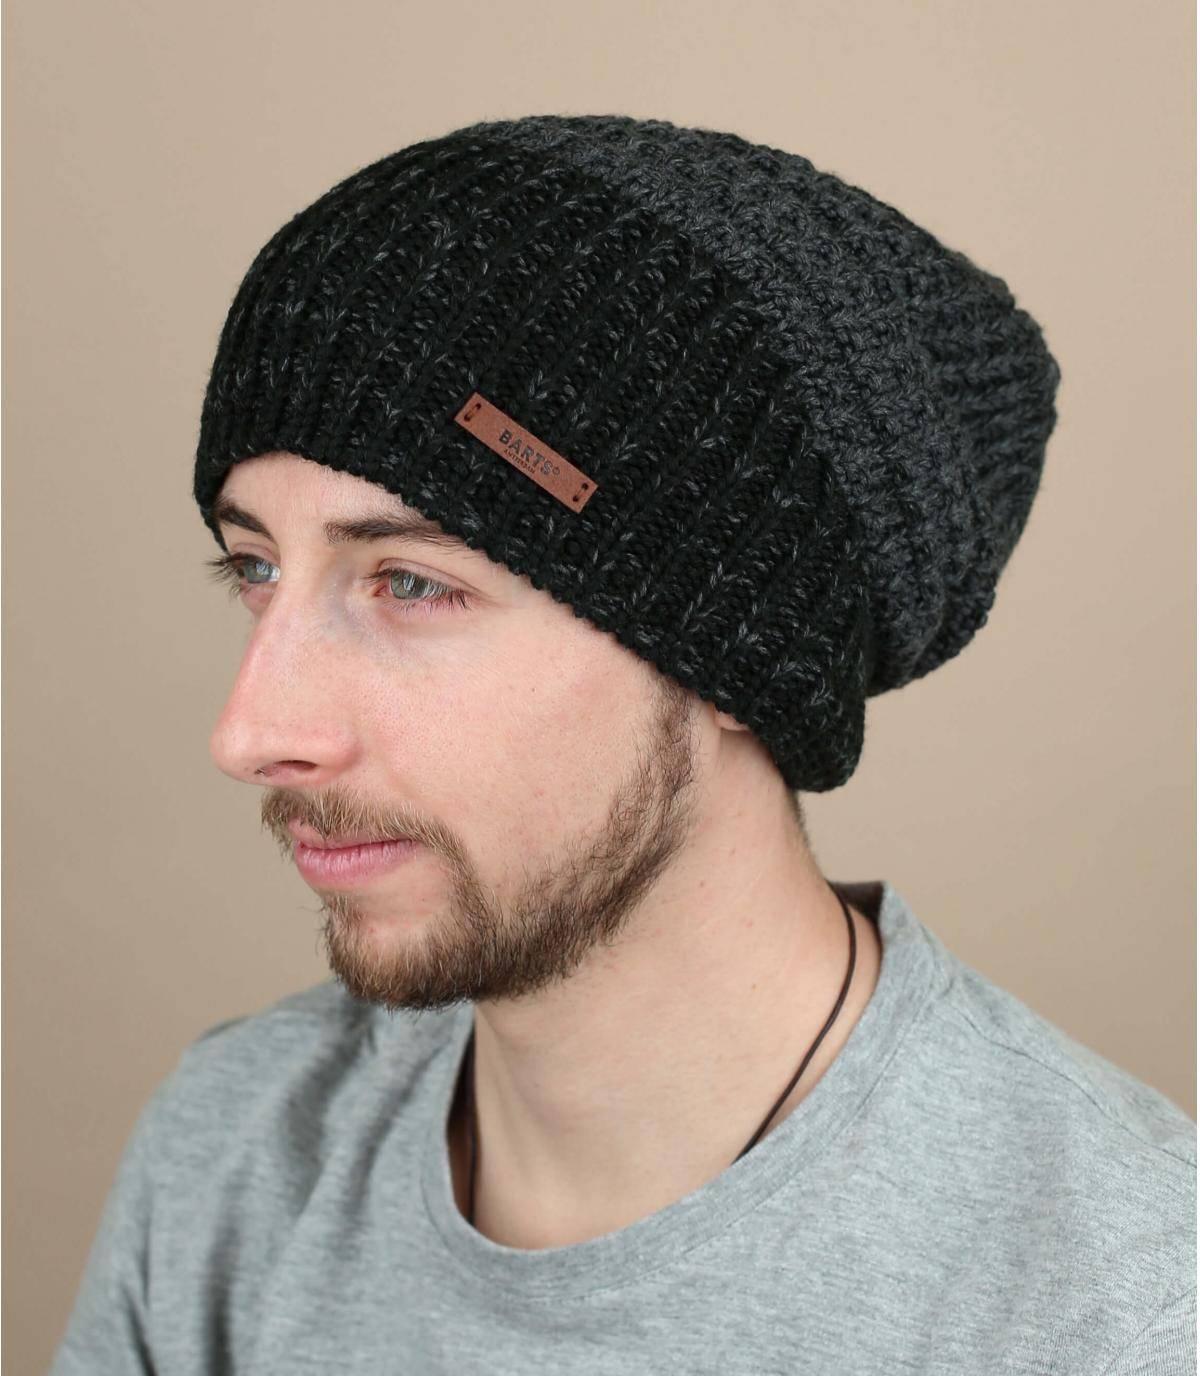 Realizzato in una miscela di fibre molto morbide e parzialmente riciclate, questo bellissimo berretto lungo ha lo stile perfetto per la città, in uno sfumato di nero e grigio. È foderato in caldo pile.